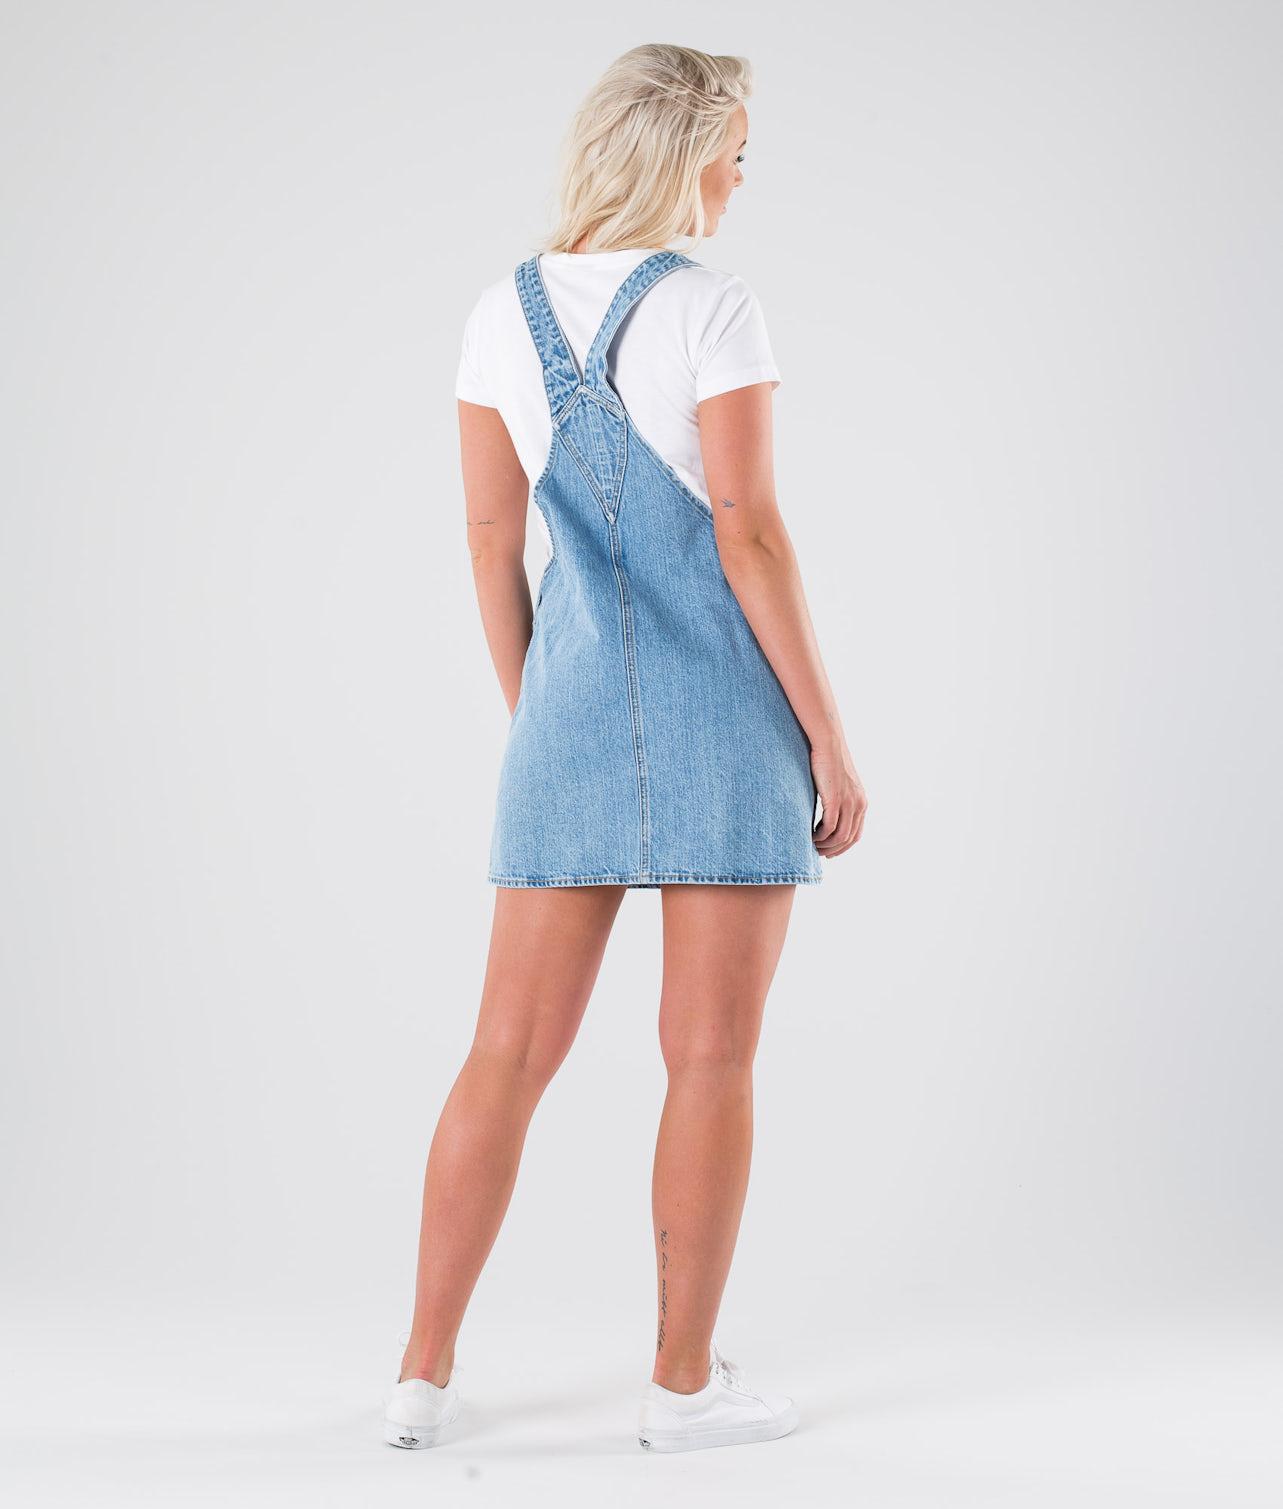 Kjøp Eir Dungaree Dress Kjole fra Dr Denim på Ridestore.no - Hos oss har du alltid fri frakt, fri retur og 30 dagers åpent kjøp!